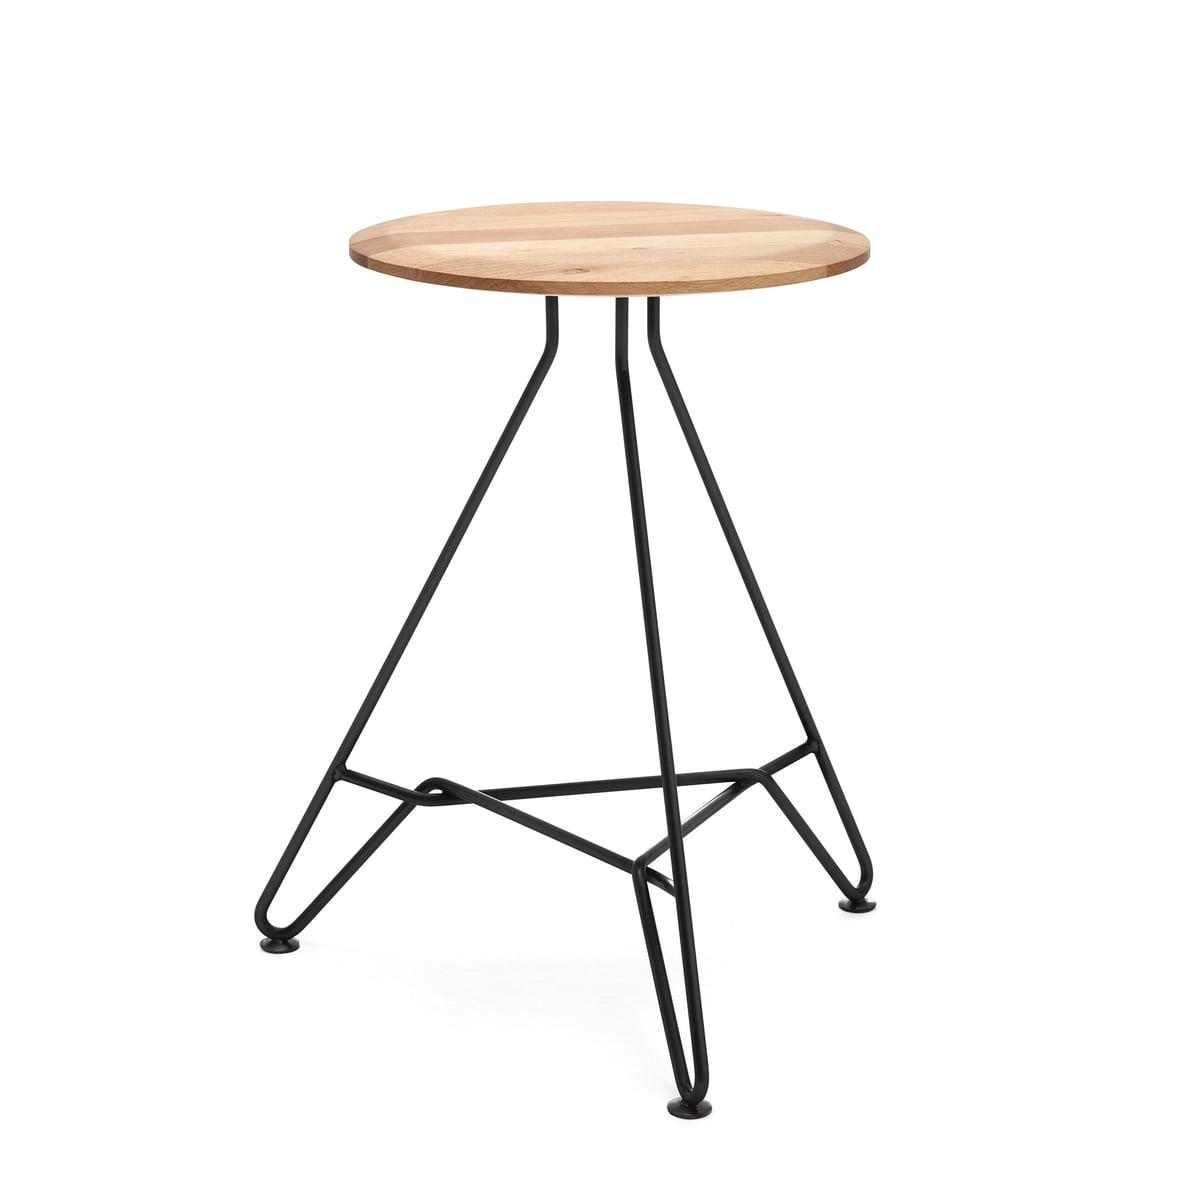 Freistil Beistelltische online kaufen | Möbel-Suchmaschine ...